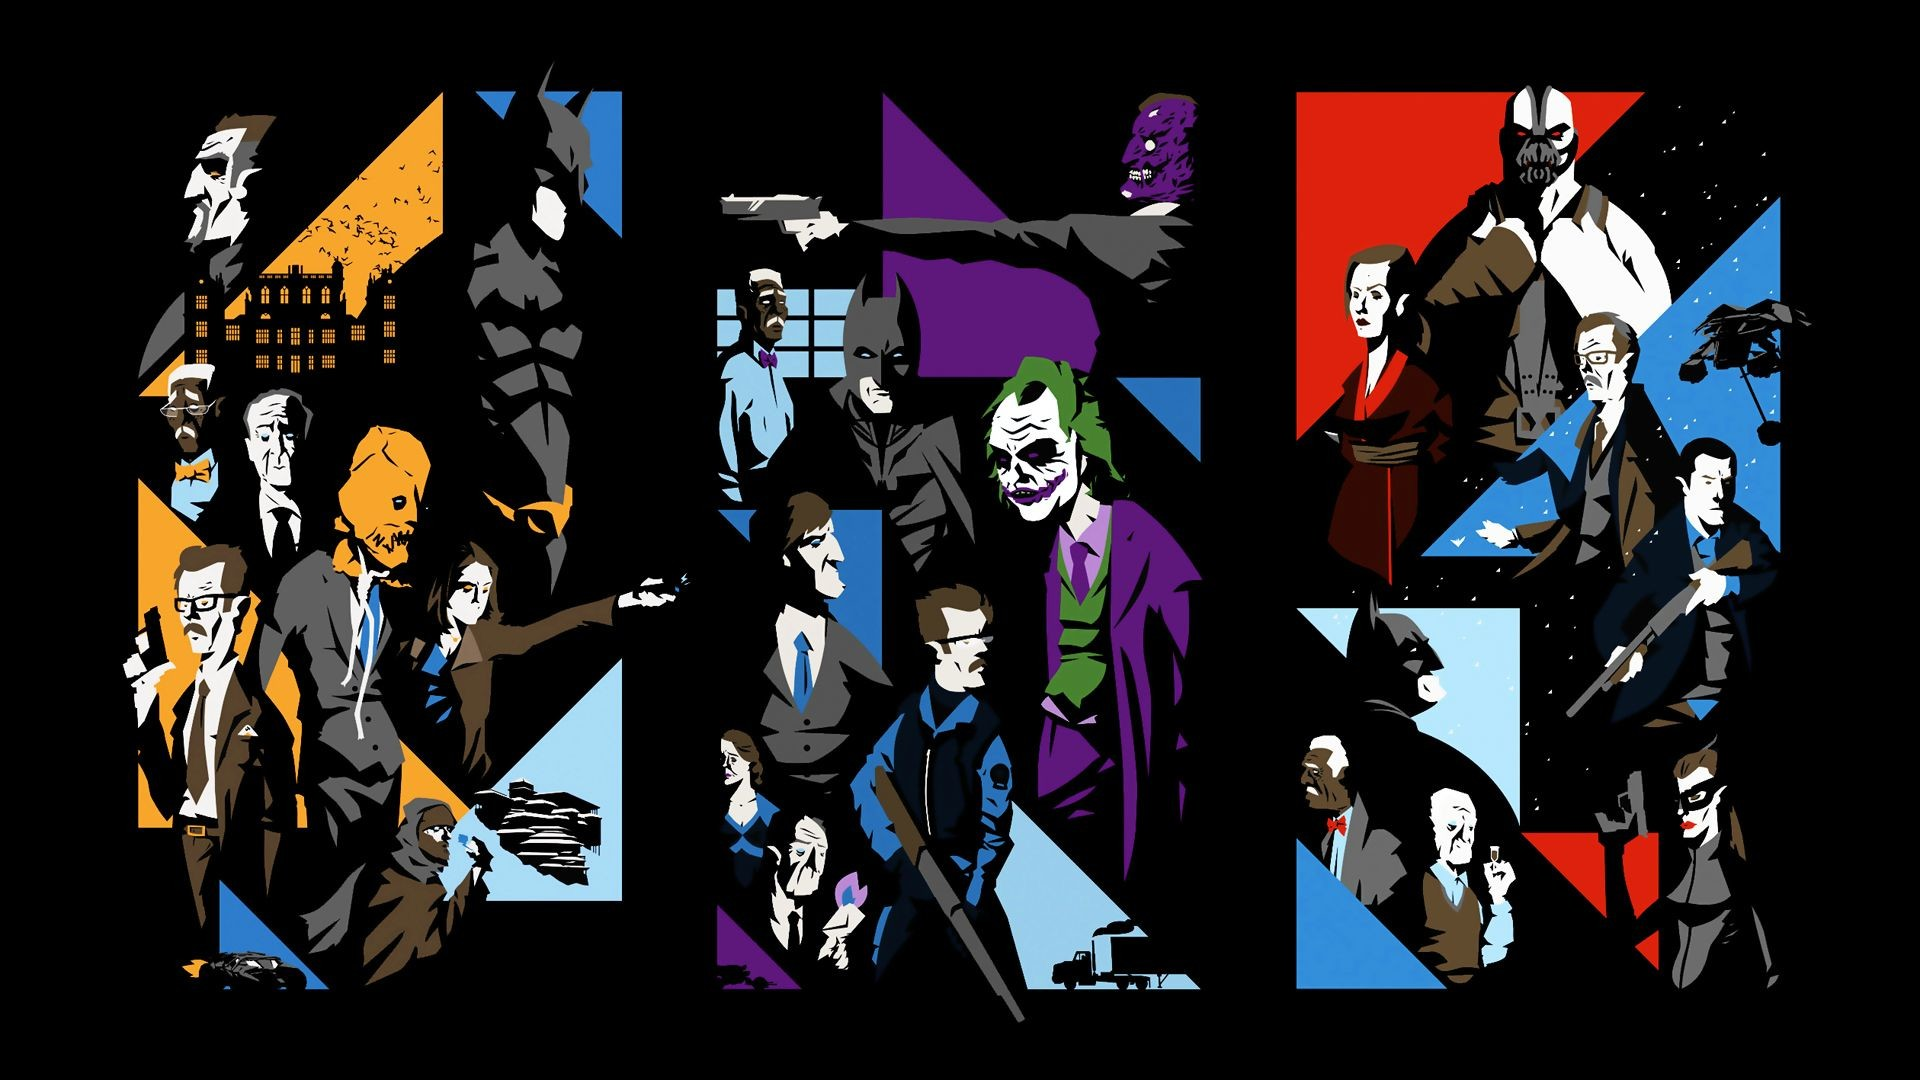 Res: 1920x1080, Batman cartoon characters. Download image